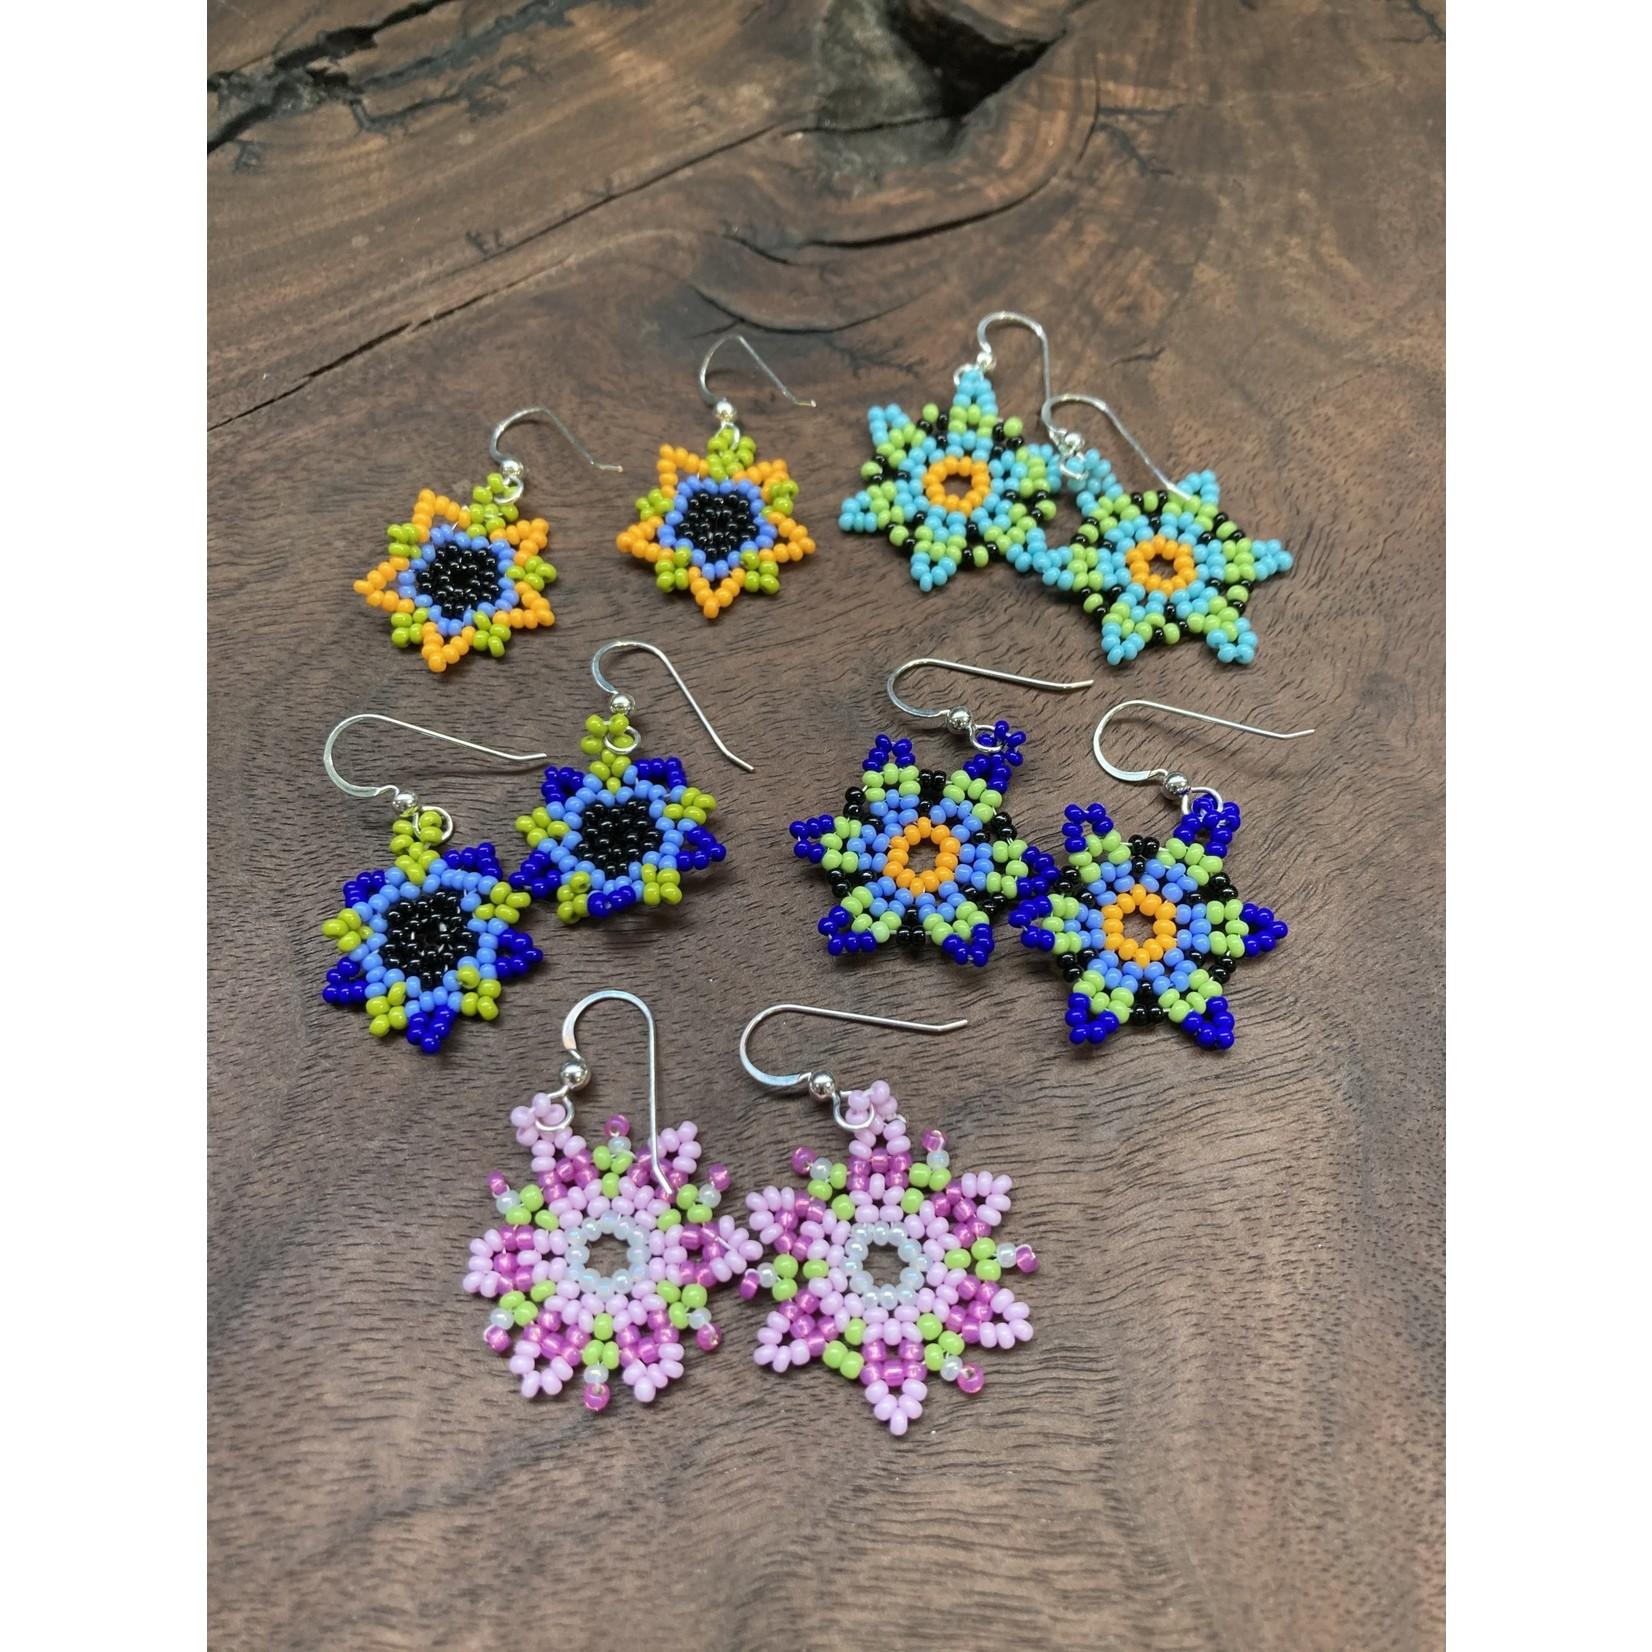 Pamela Cashdollar Pam Cashdollar | Small earrings asst colors